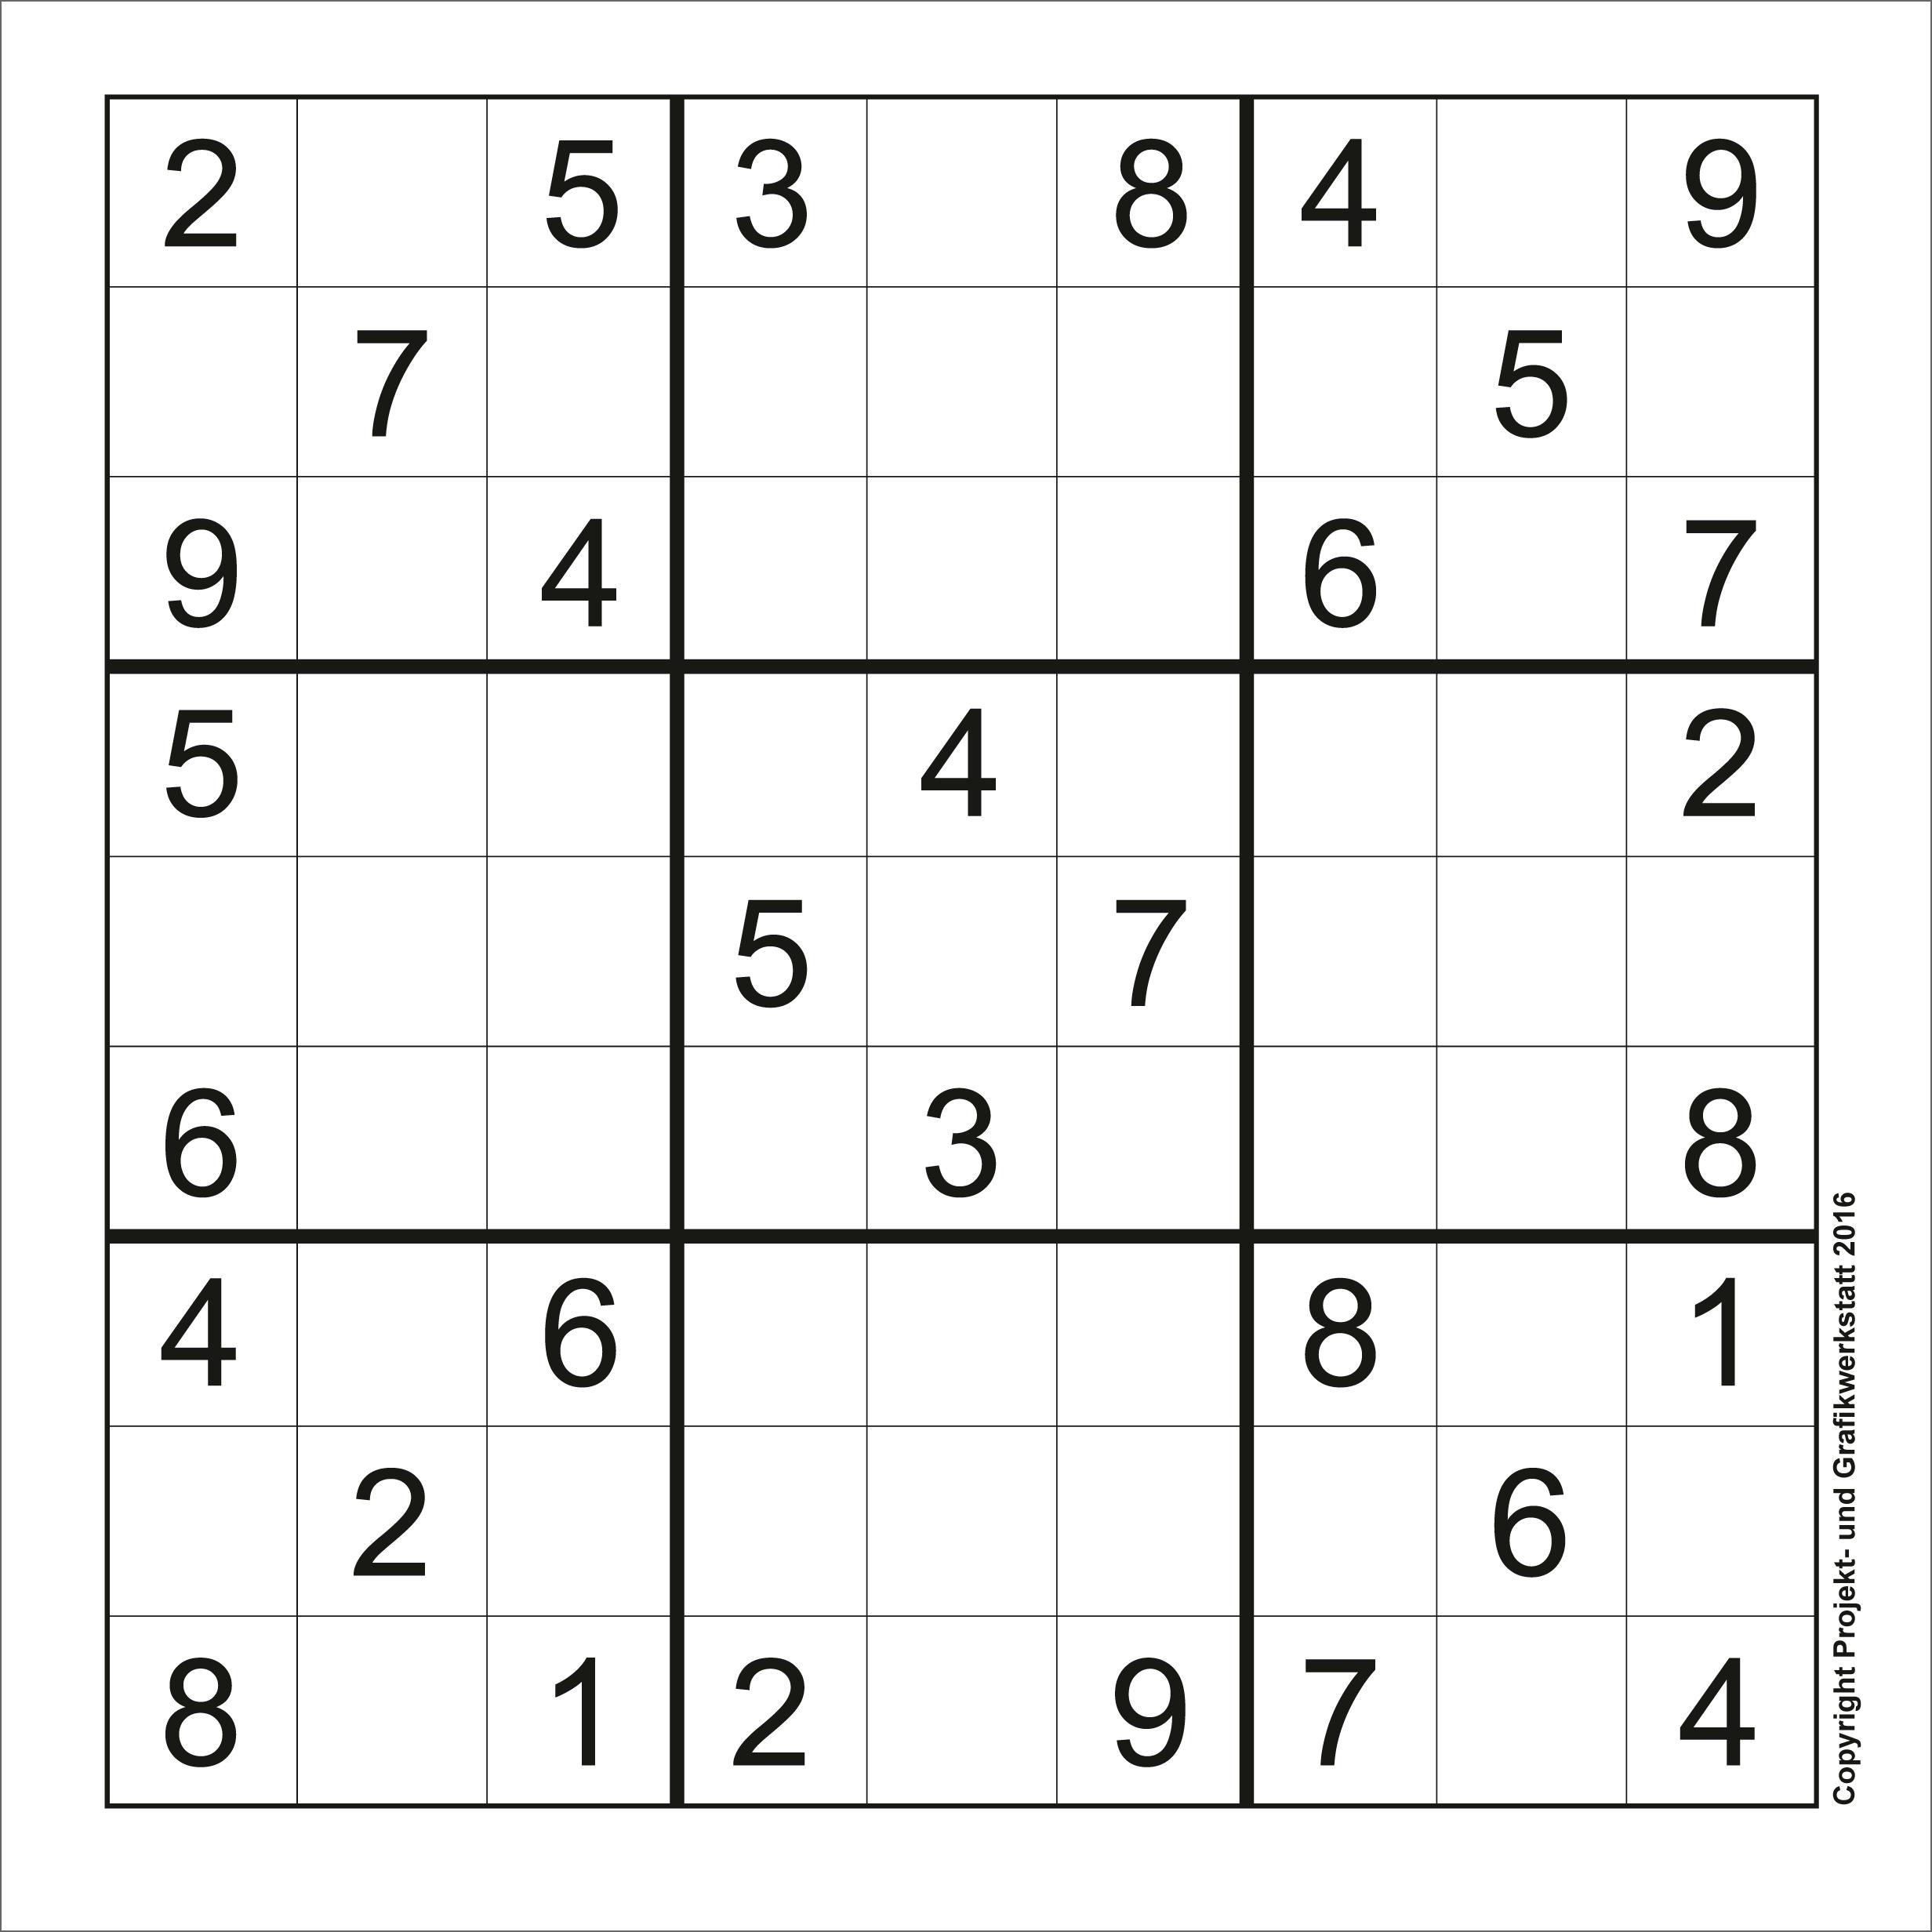 Sudoku Sehr Schwer | Sehr Schwer Sudoku Spielen. 2020-04-29 verwandt mit Sudoku Zum Ausdrucken Sehr Schwer